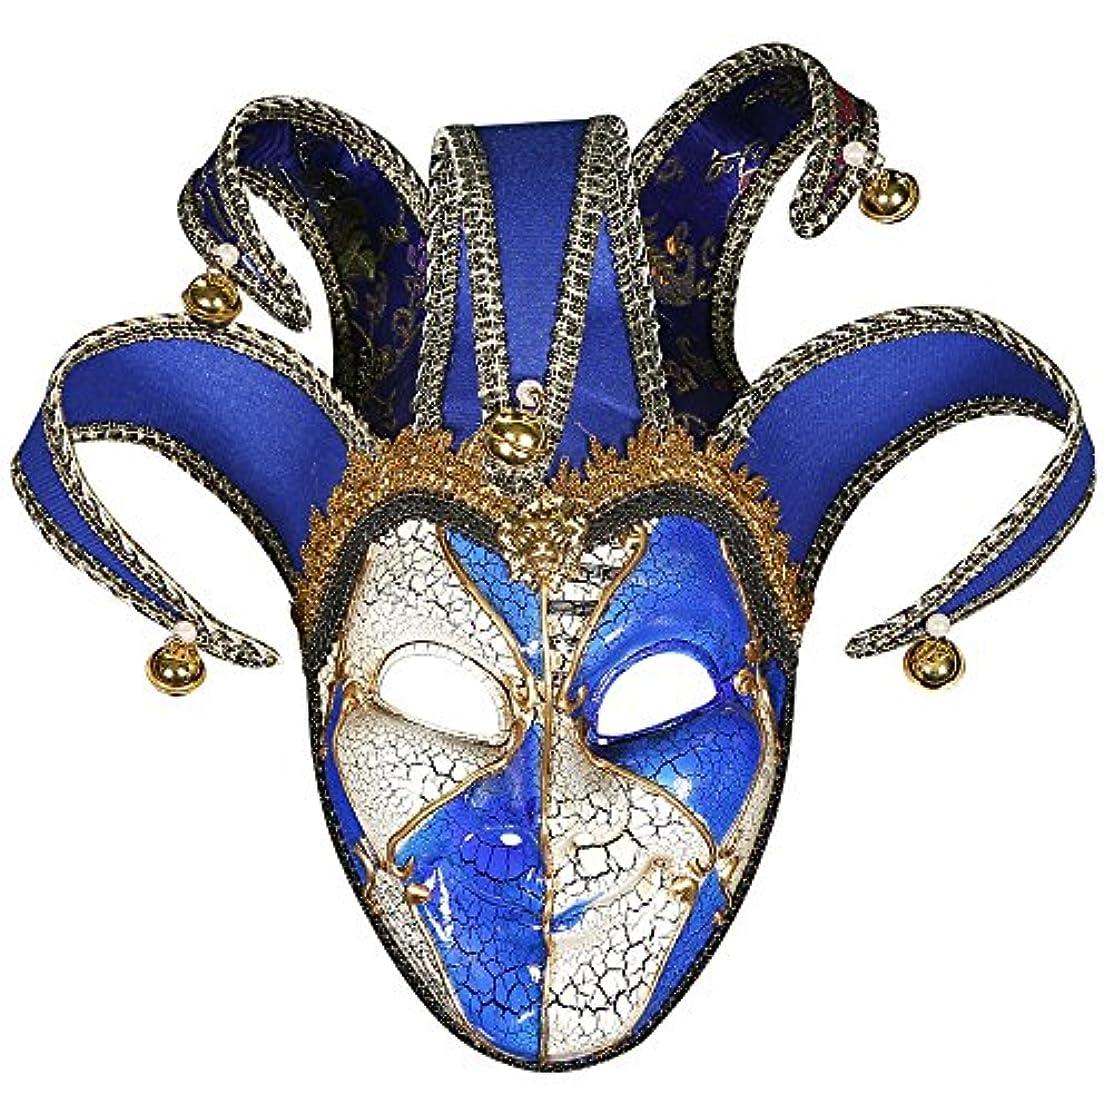 マラウイスキャン渦ハイエンドの美しいクラックフェスティバル仮面舞踏会マスクハロウィーン誕生日パーティーピエロマスク (Color : B)